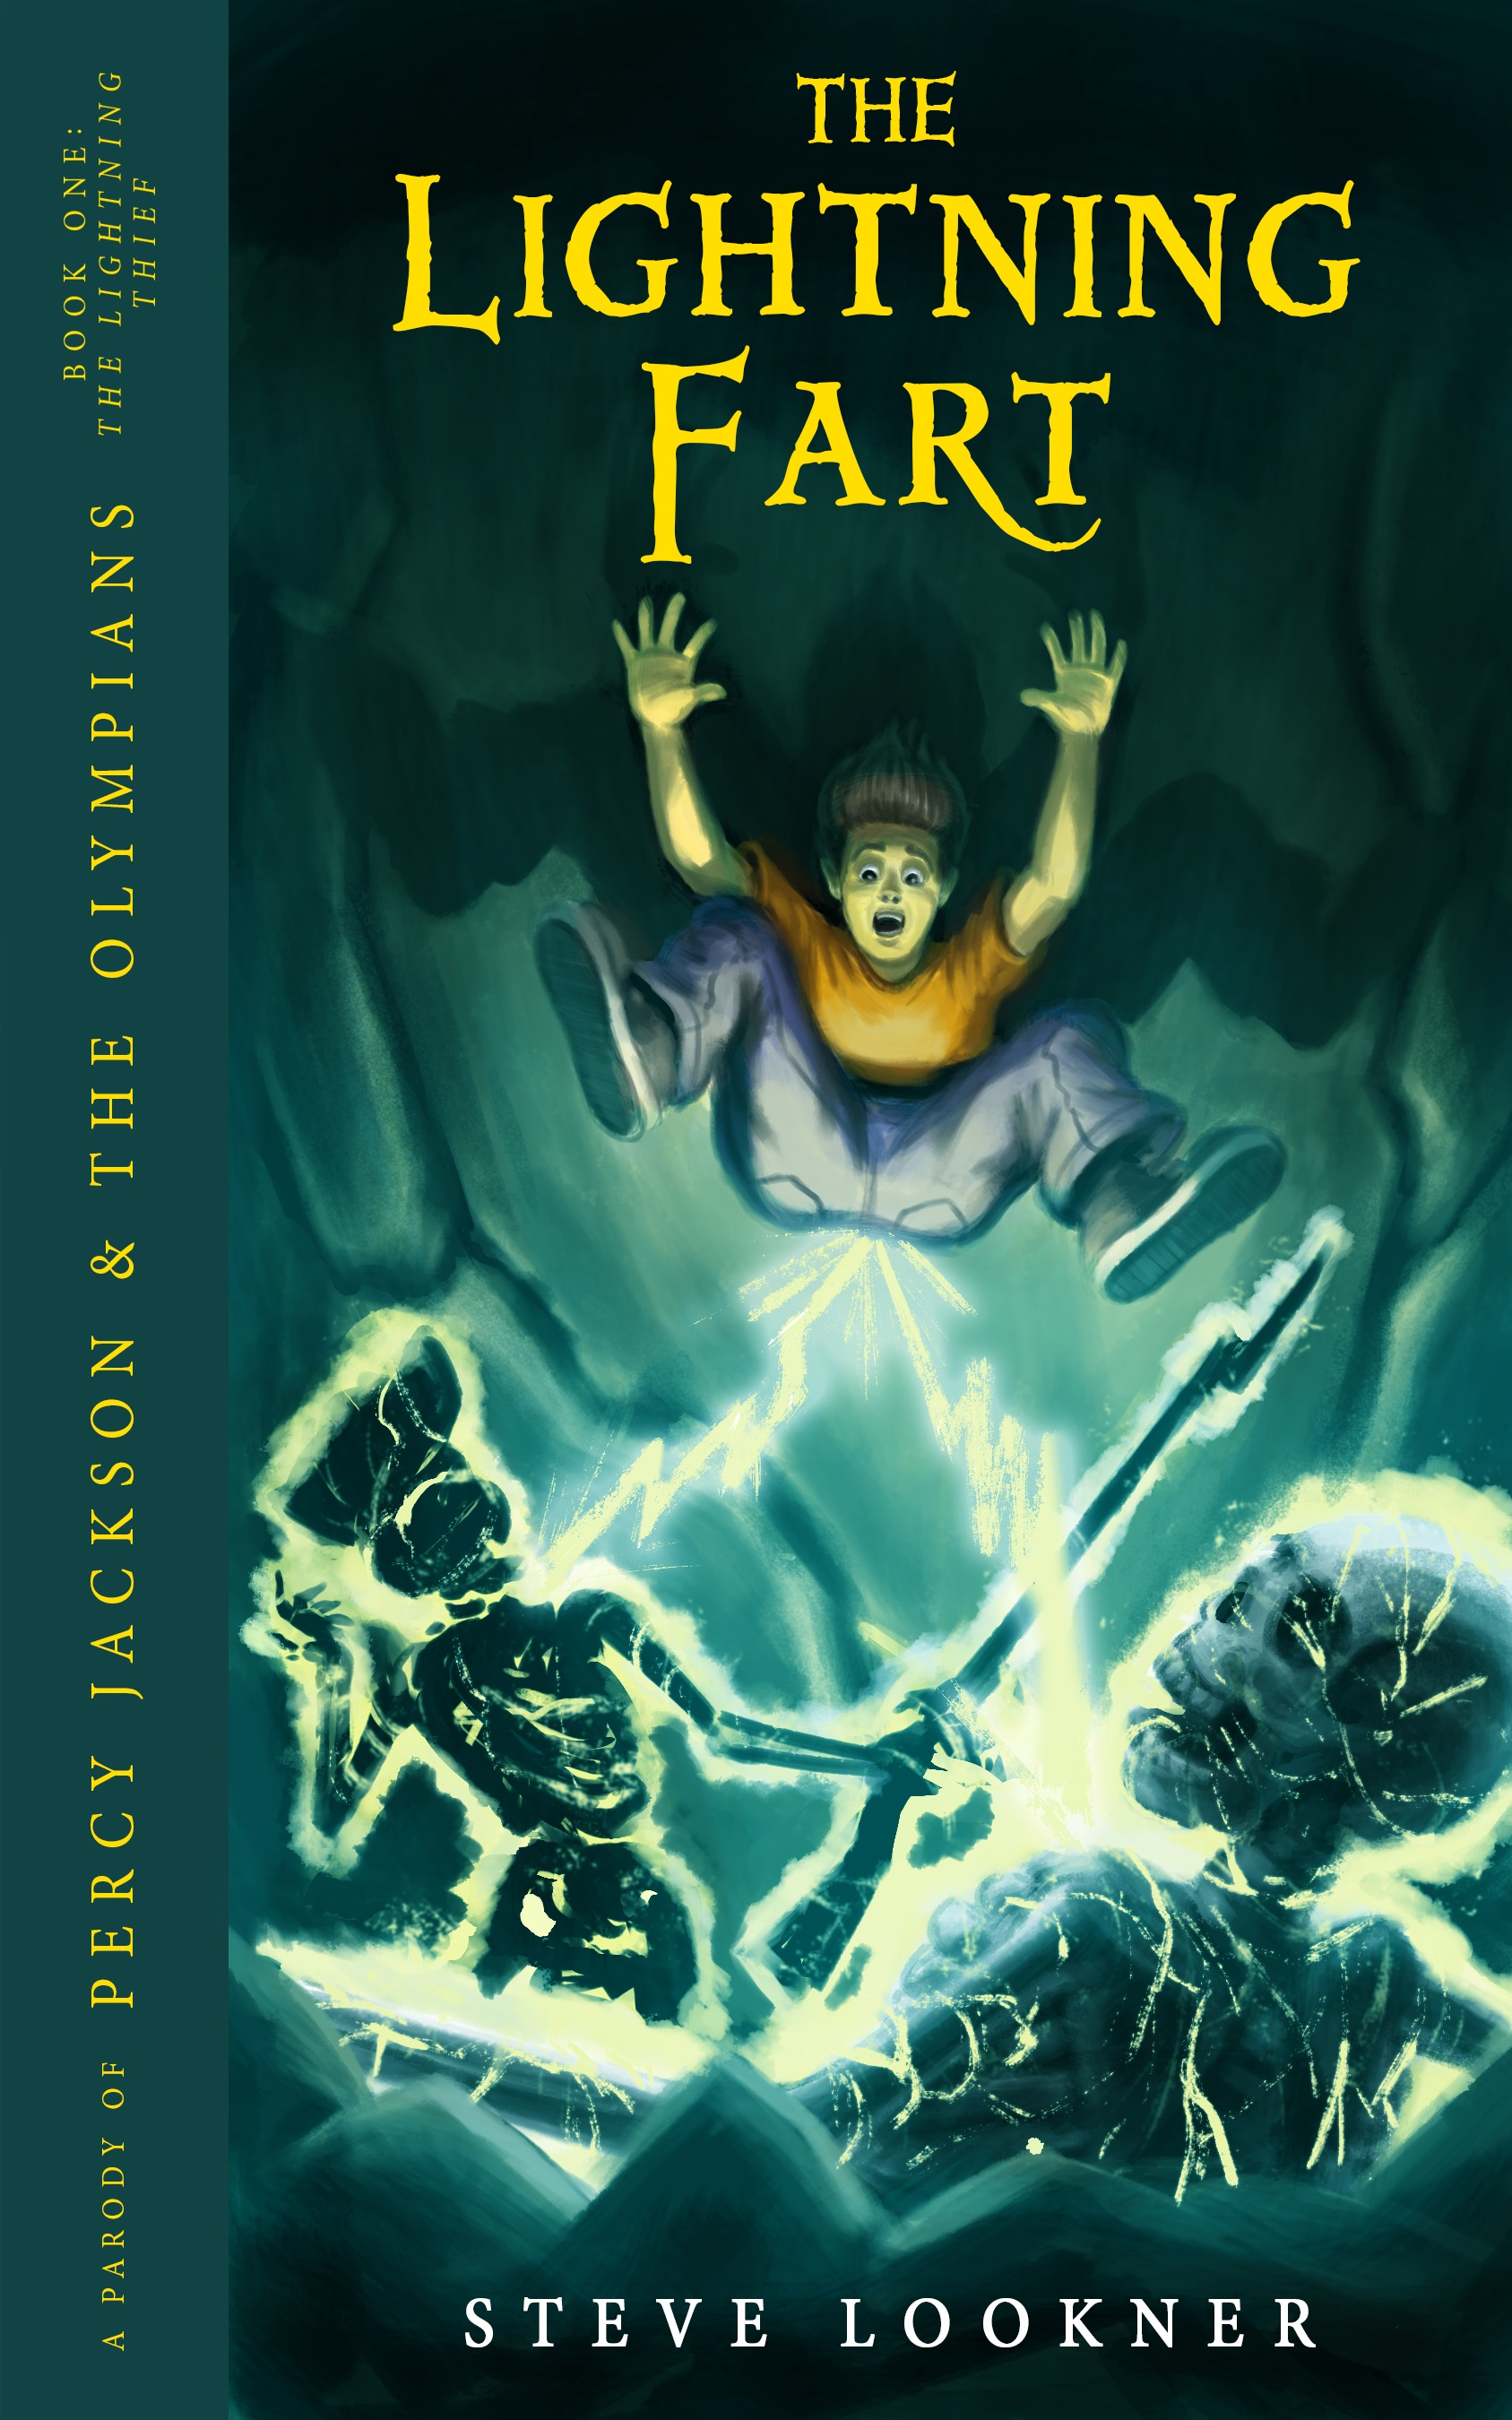 lighting thief Por fin un nuevo trailer de percy jackson & the olympians: the lightning thief, la adaptación del gran éxito literario.